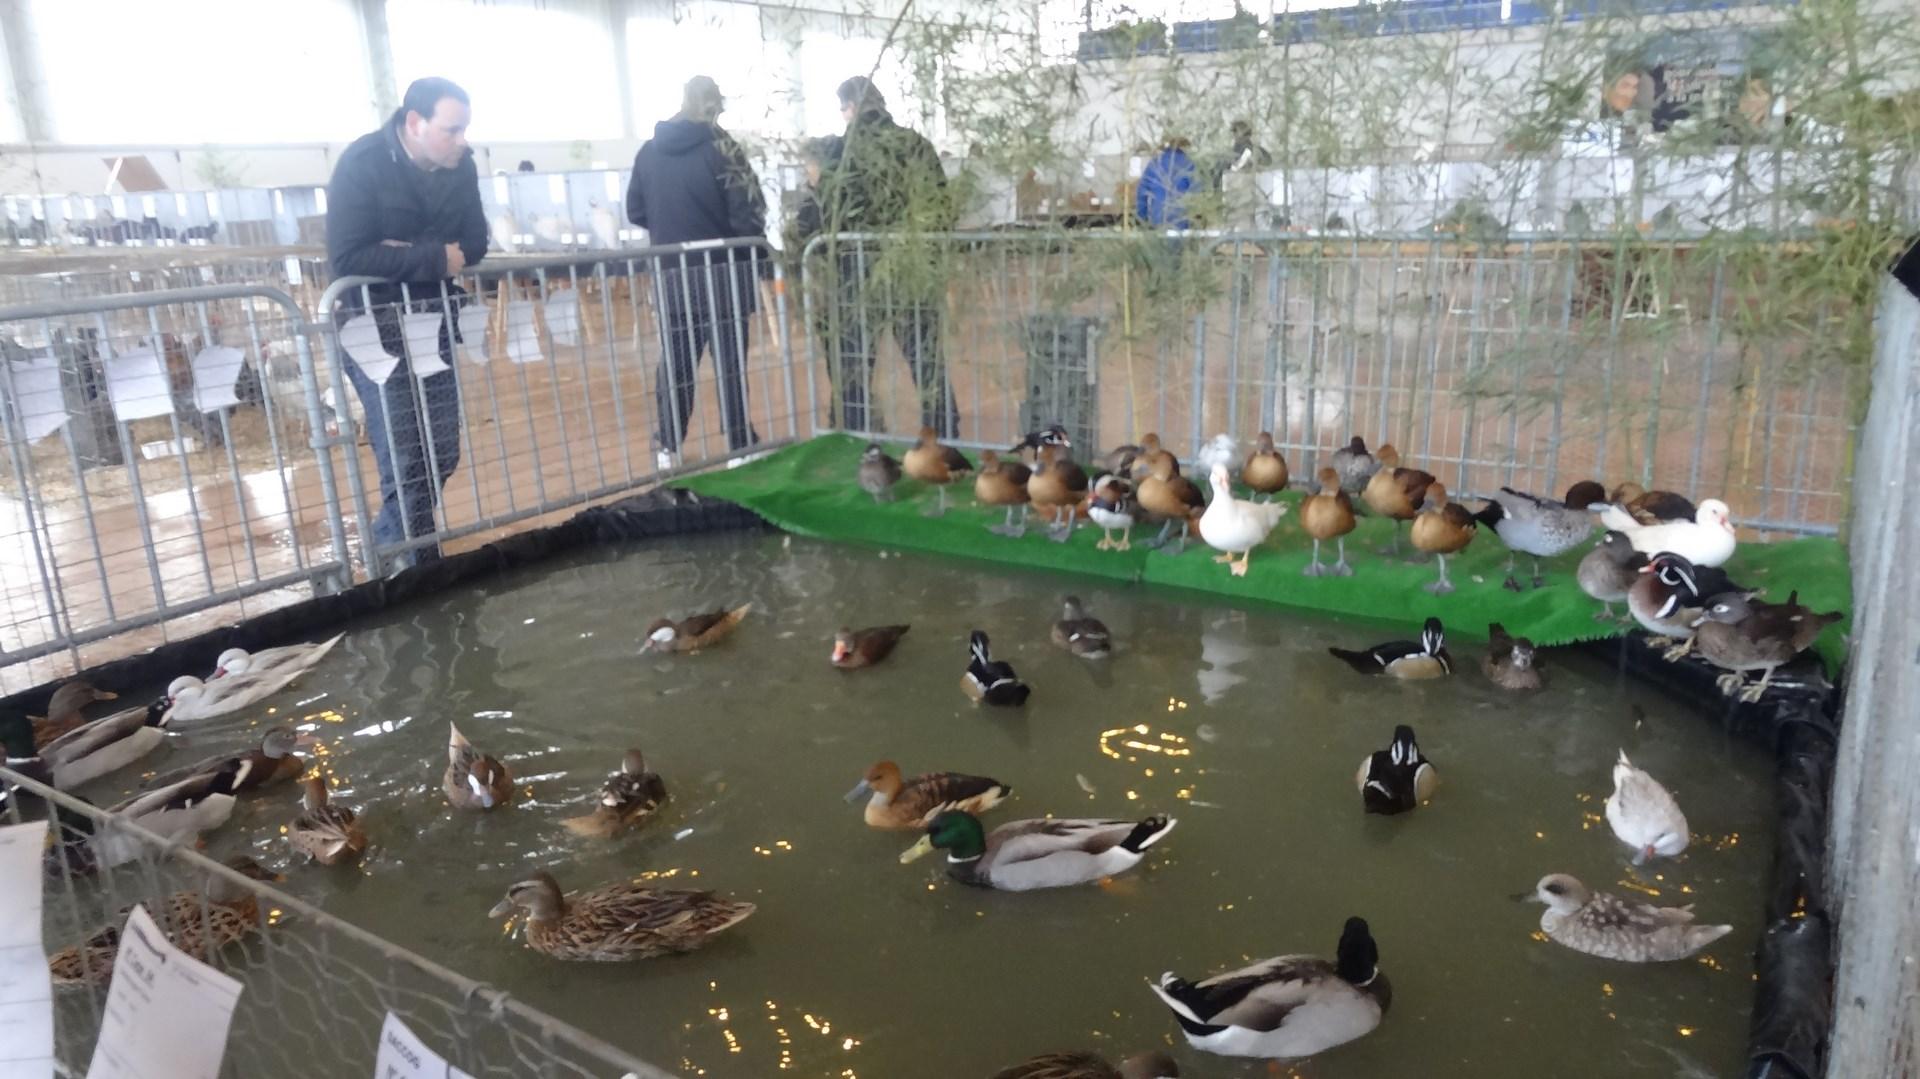 Basse La Gers Cour Expo Du Journal D'animaux De Le Vente Avec Saccog QrEWCxedBo